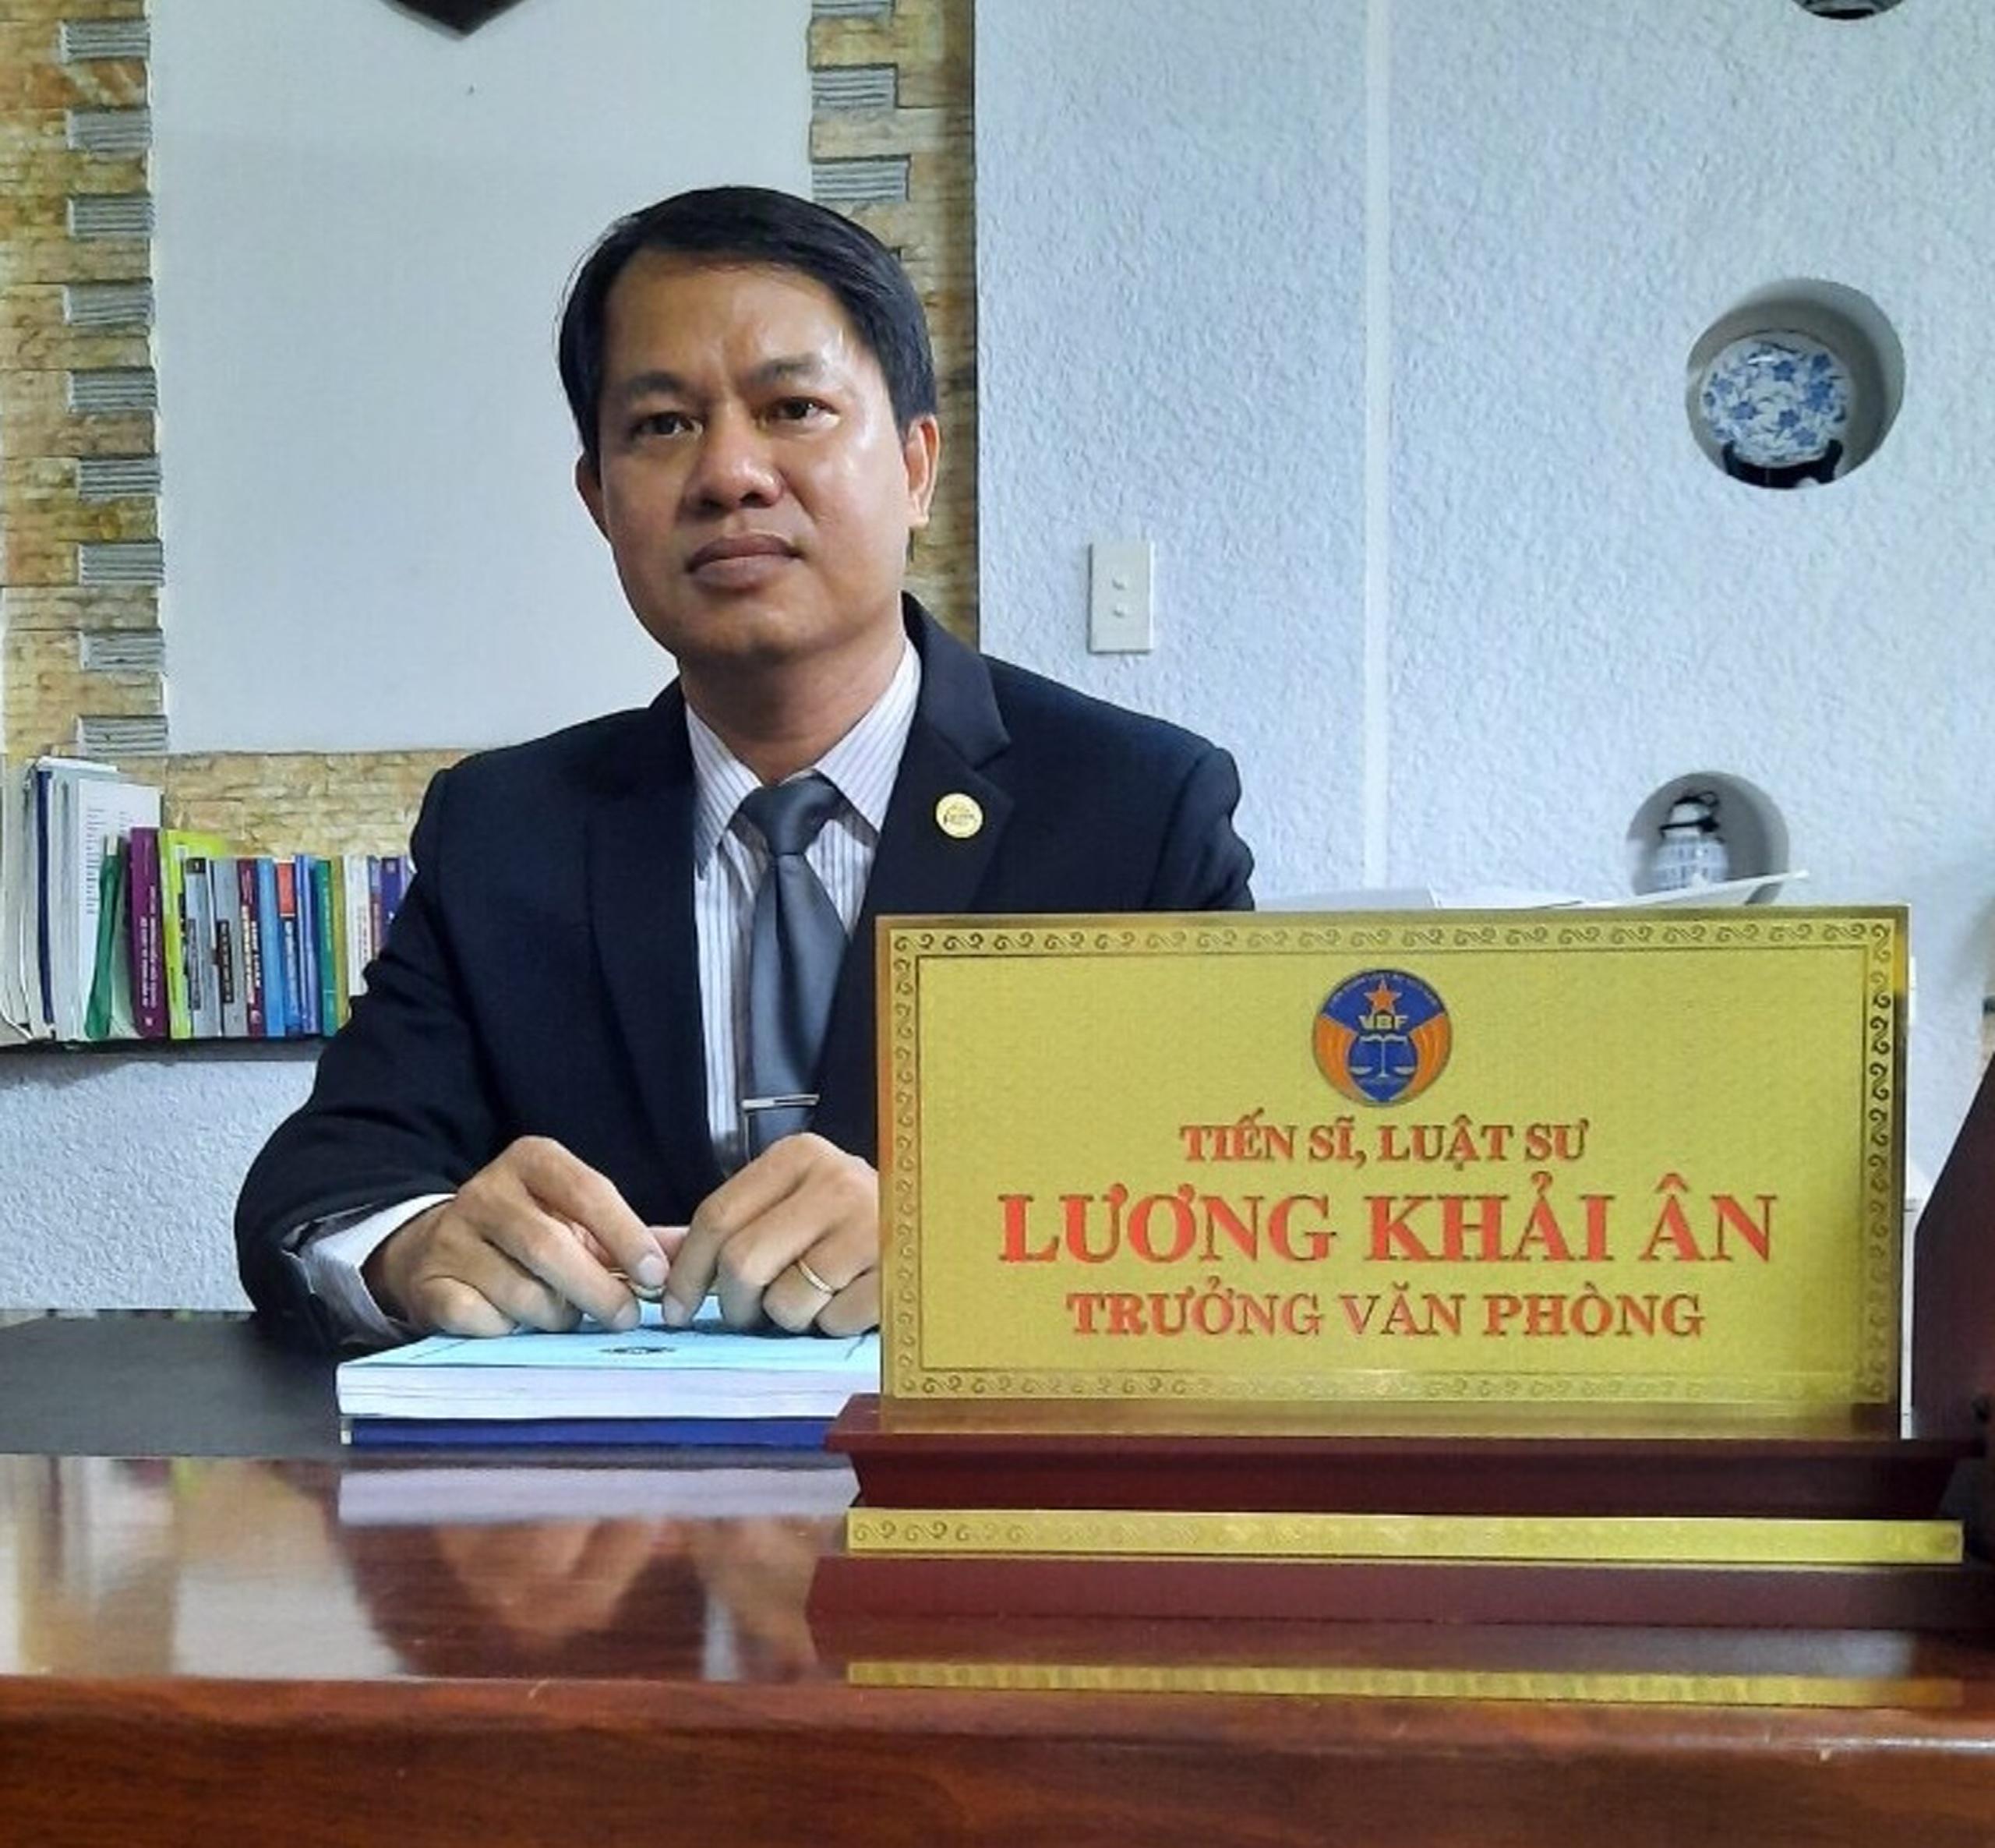 Vụ Tiến sĩ Bùi Quang Tín rơi lầu: Kết quả điều tra phần nào giải tỏa hoài nghi về vụ việc - Ảnh 2